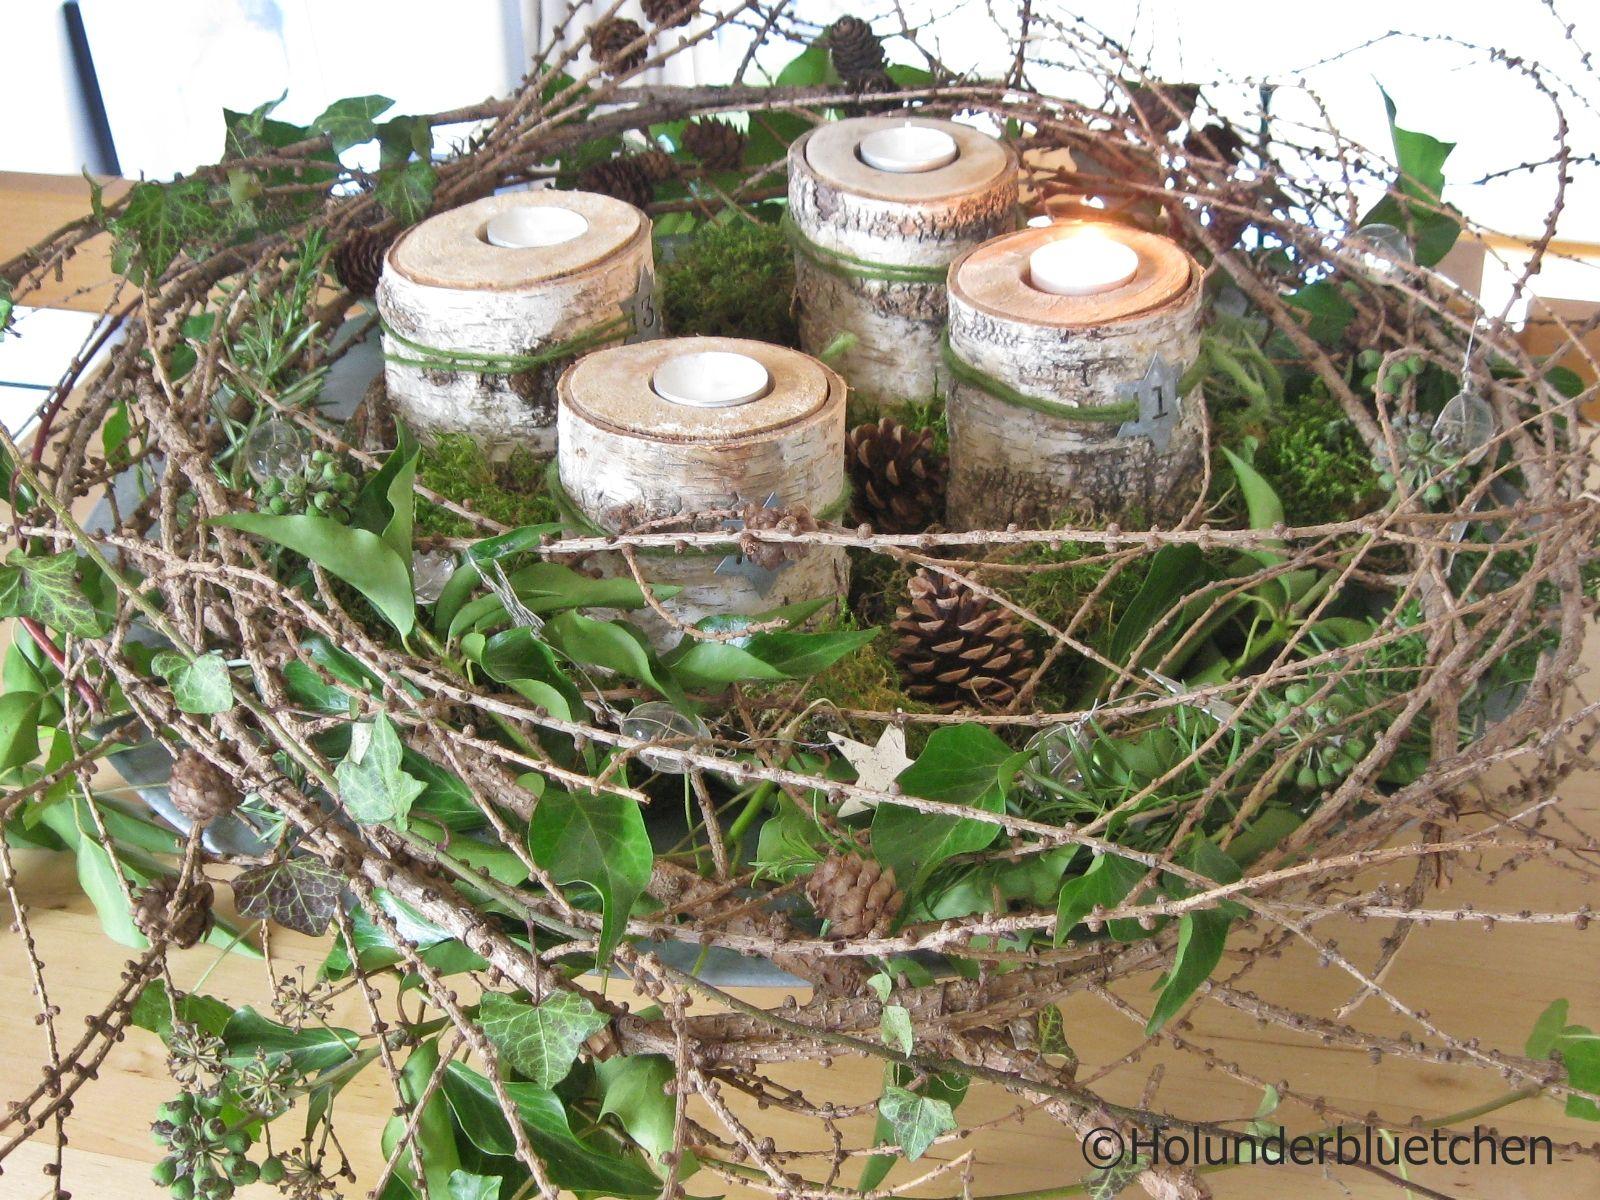 Holunderbluetchen adventskranz adventskr nze for Adventskranz edelstahl dekorieren